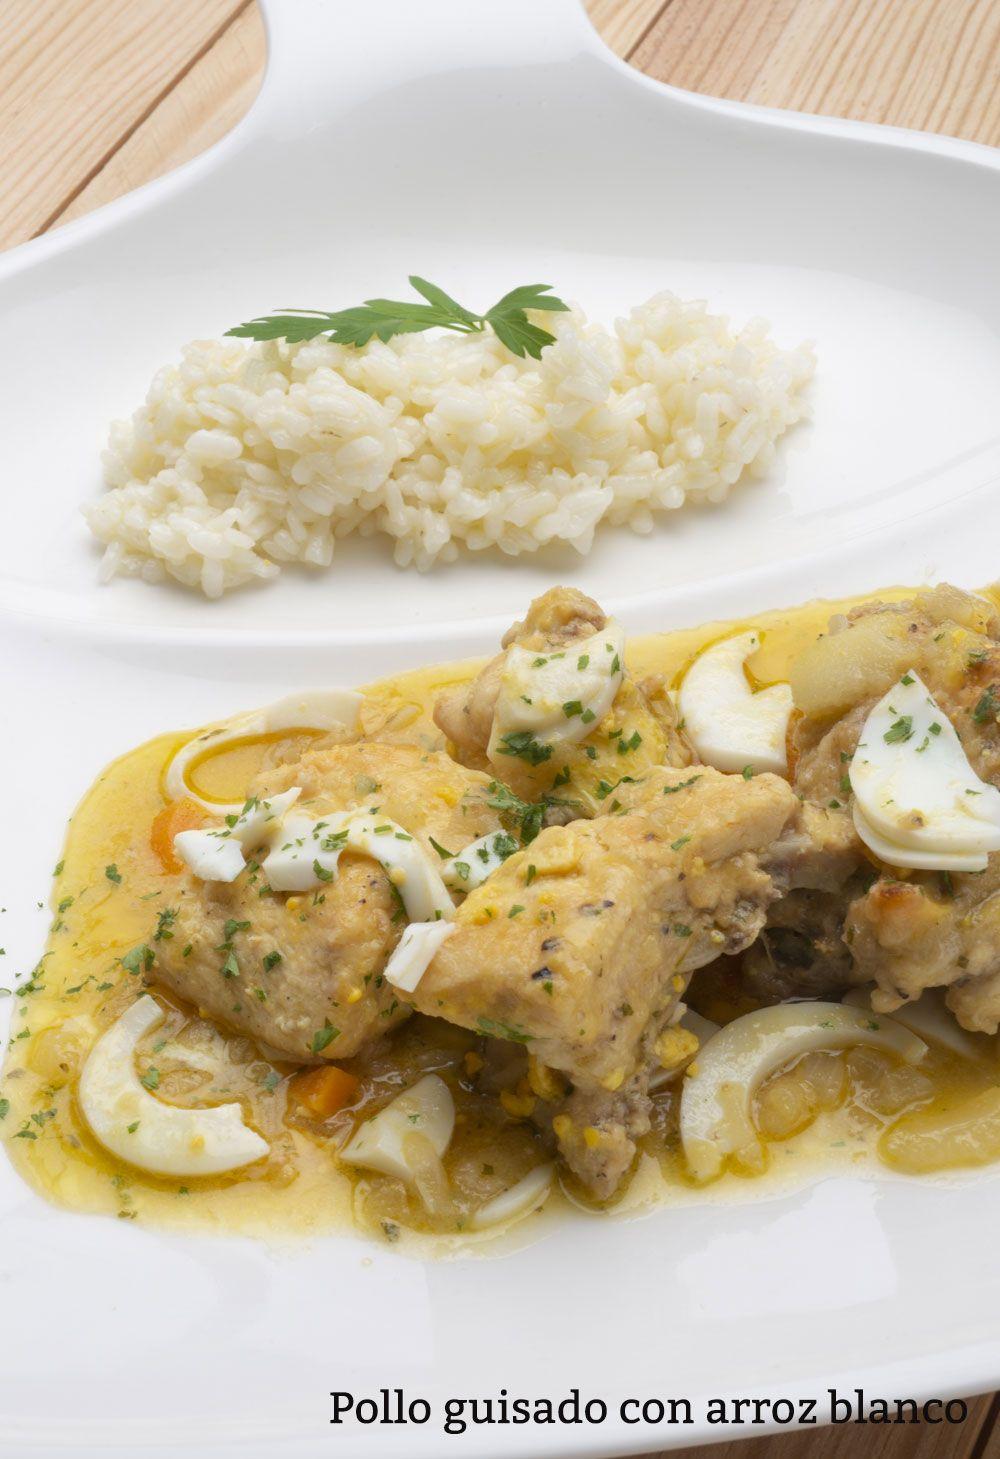 Pollo guisado con arroz blanco